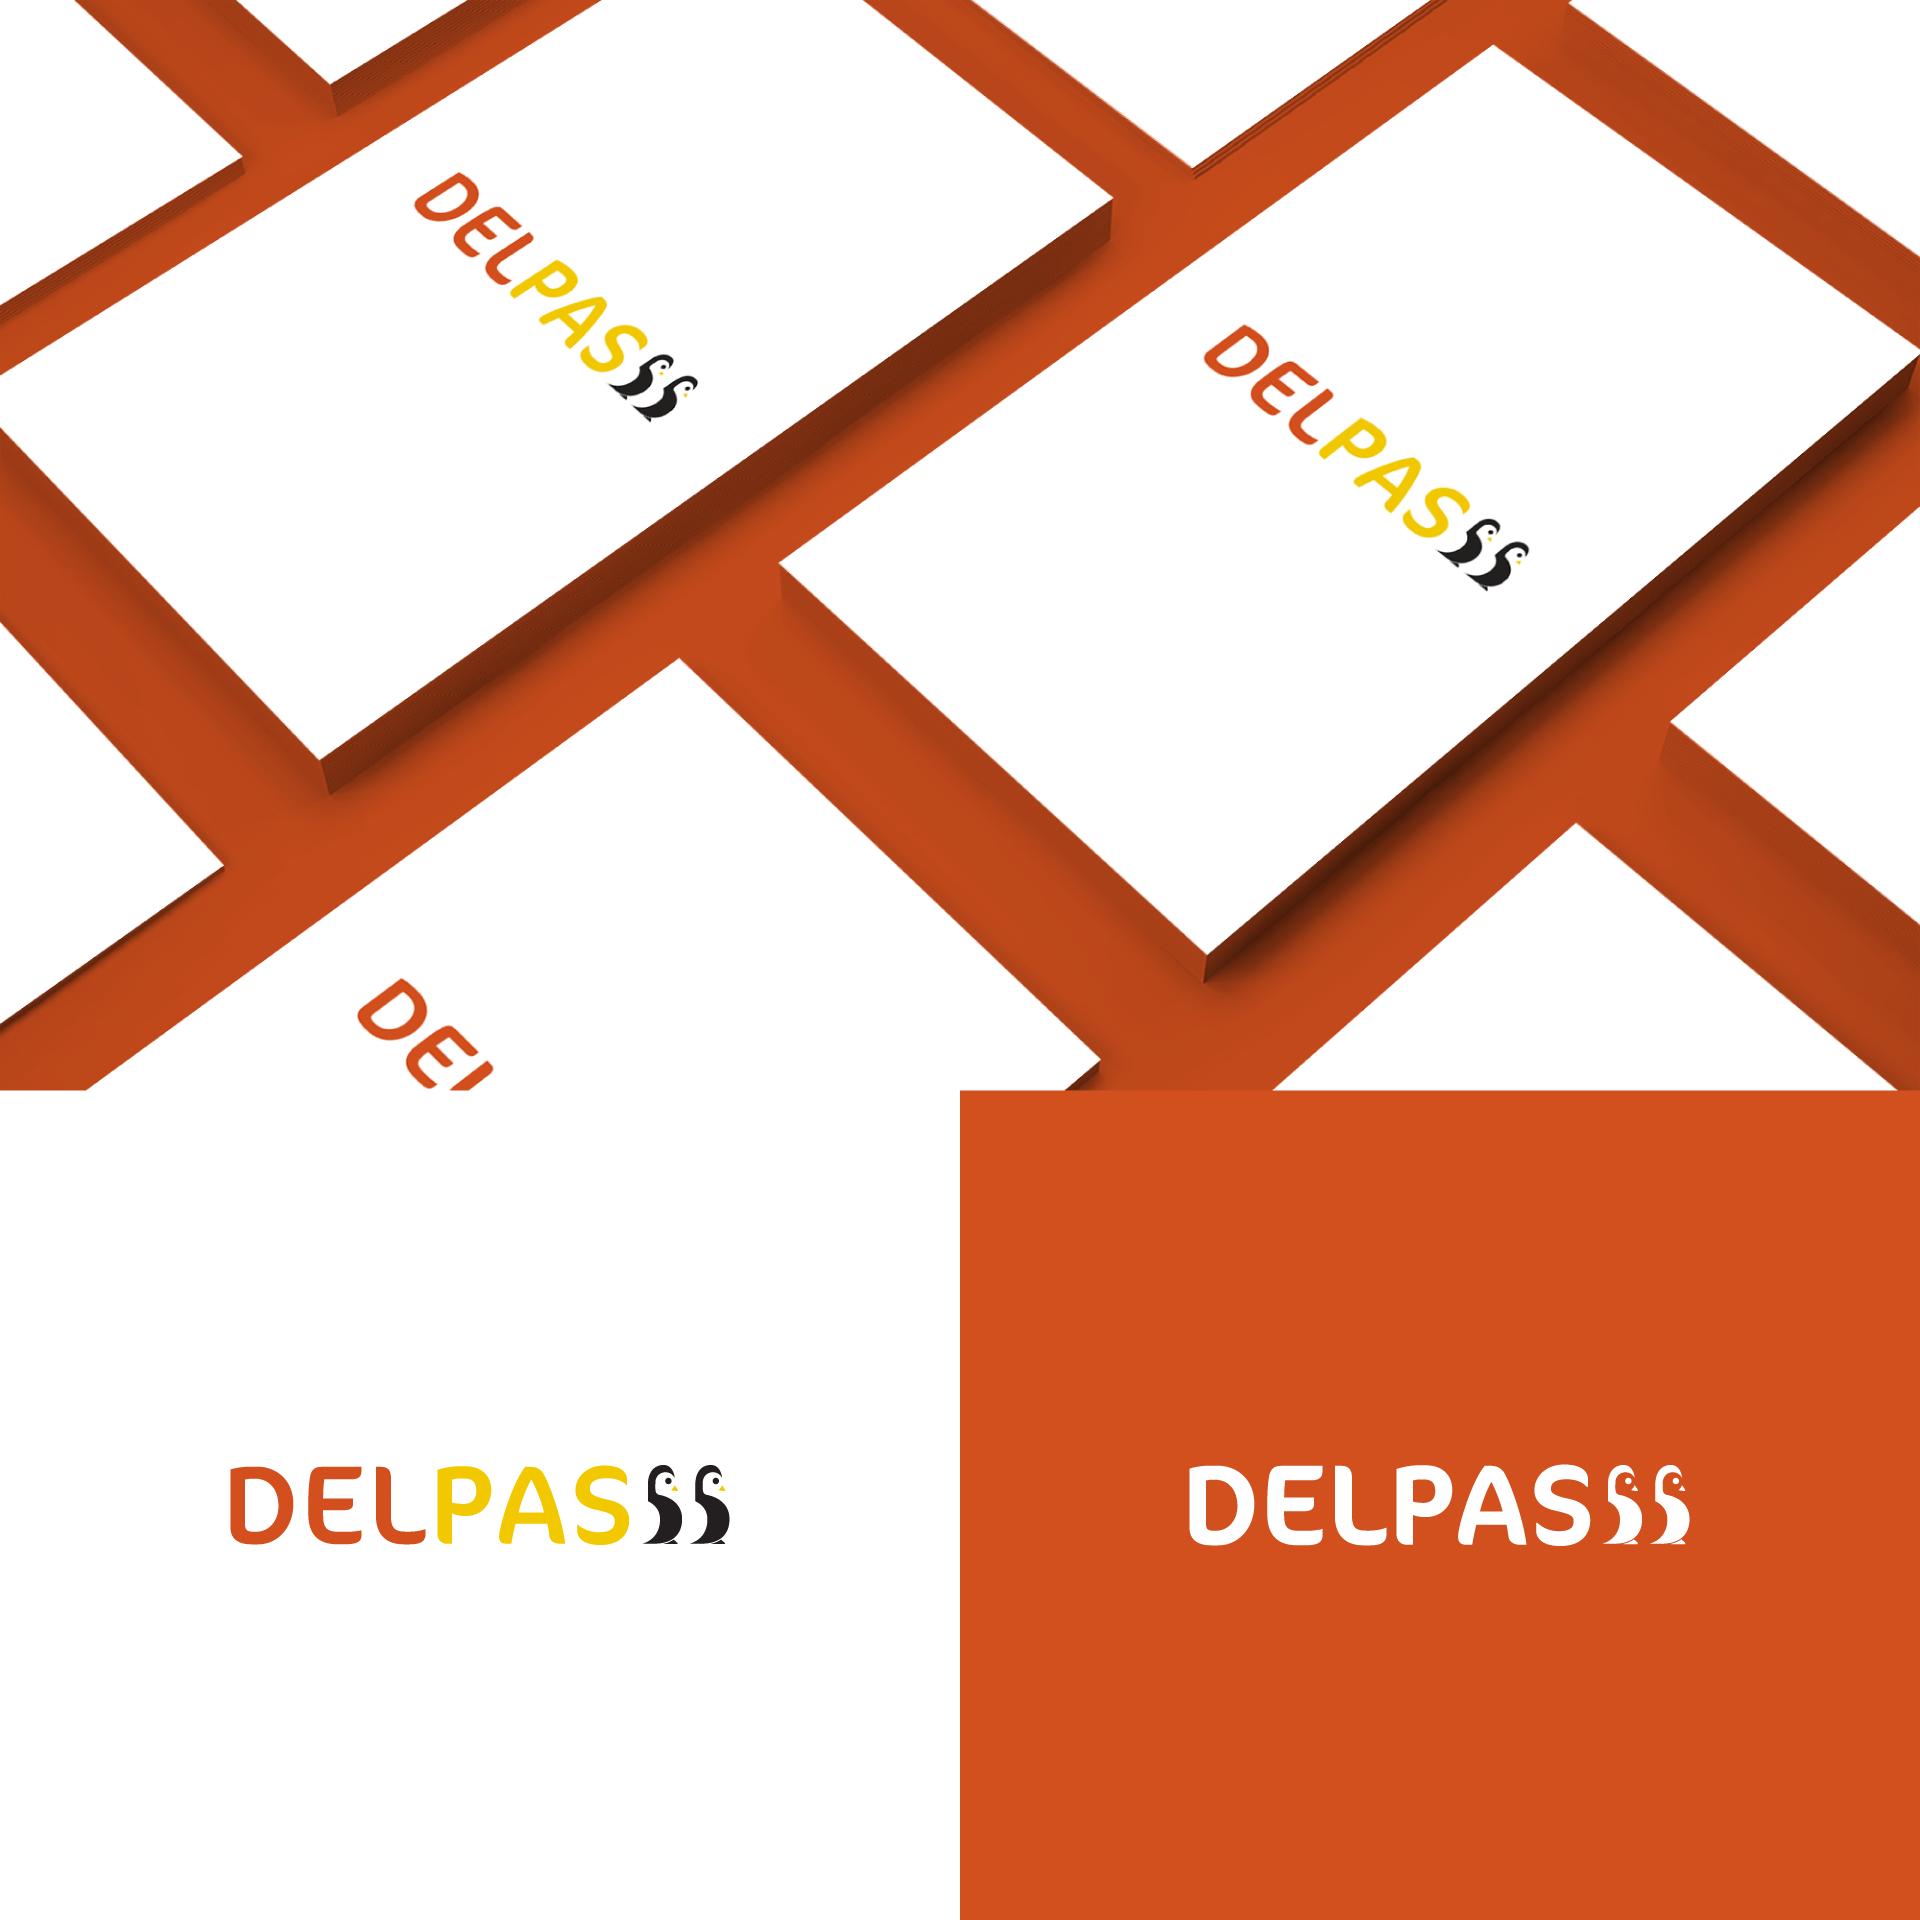 delpas-square-01.png